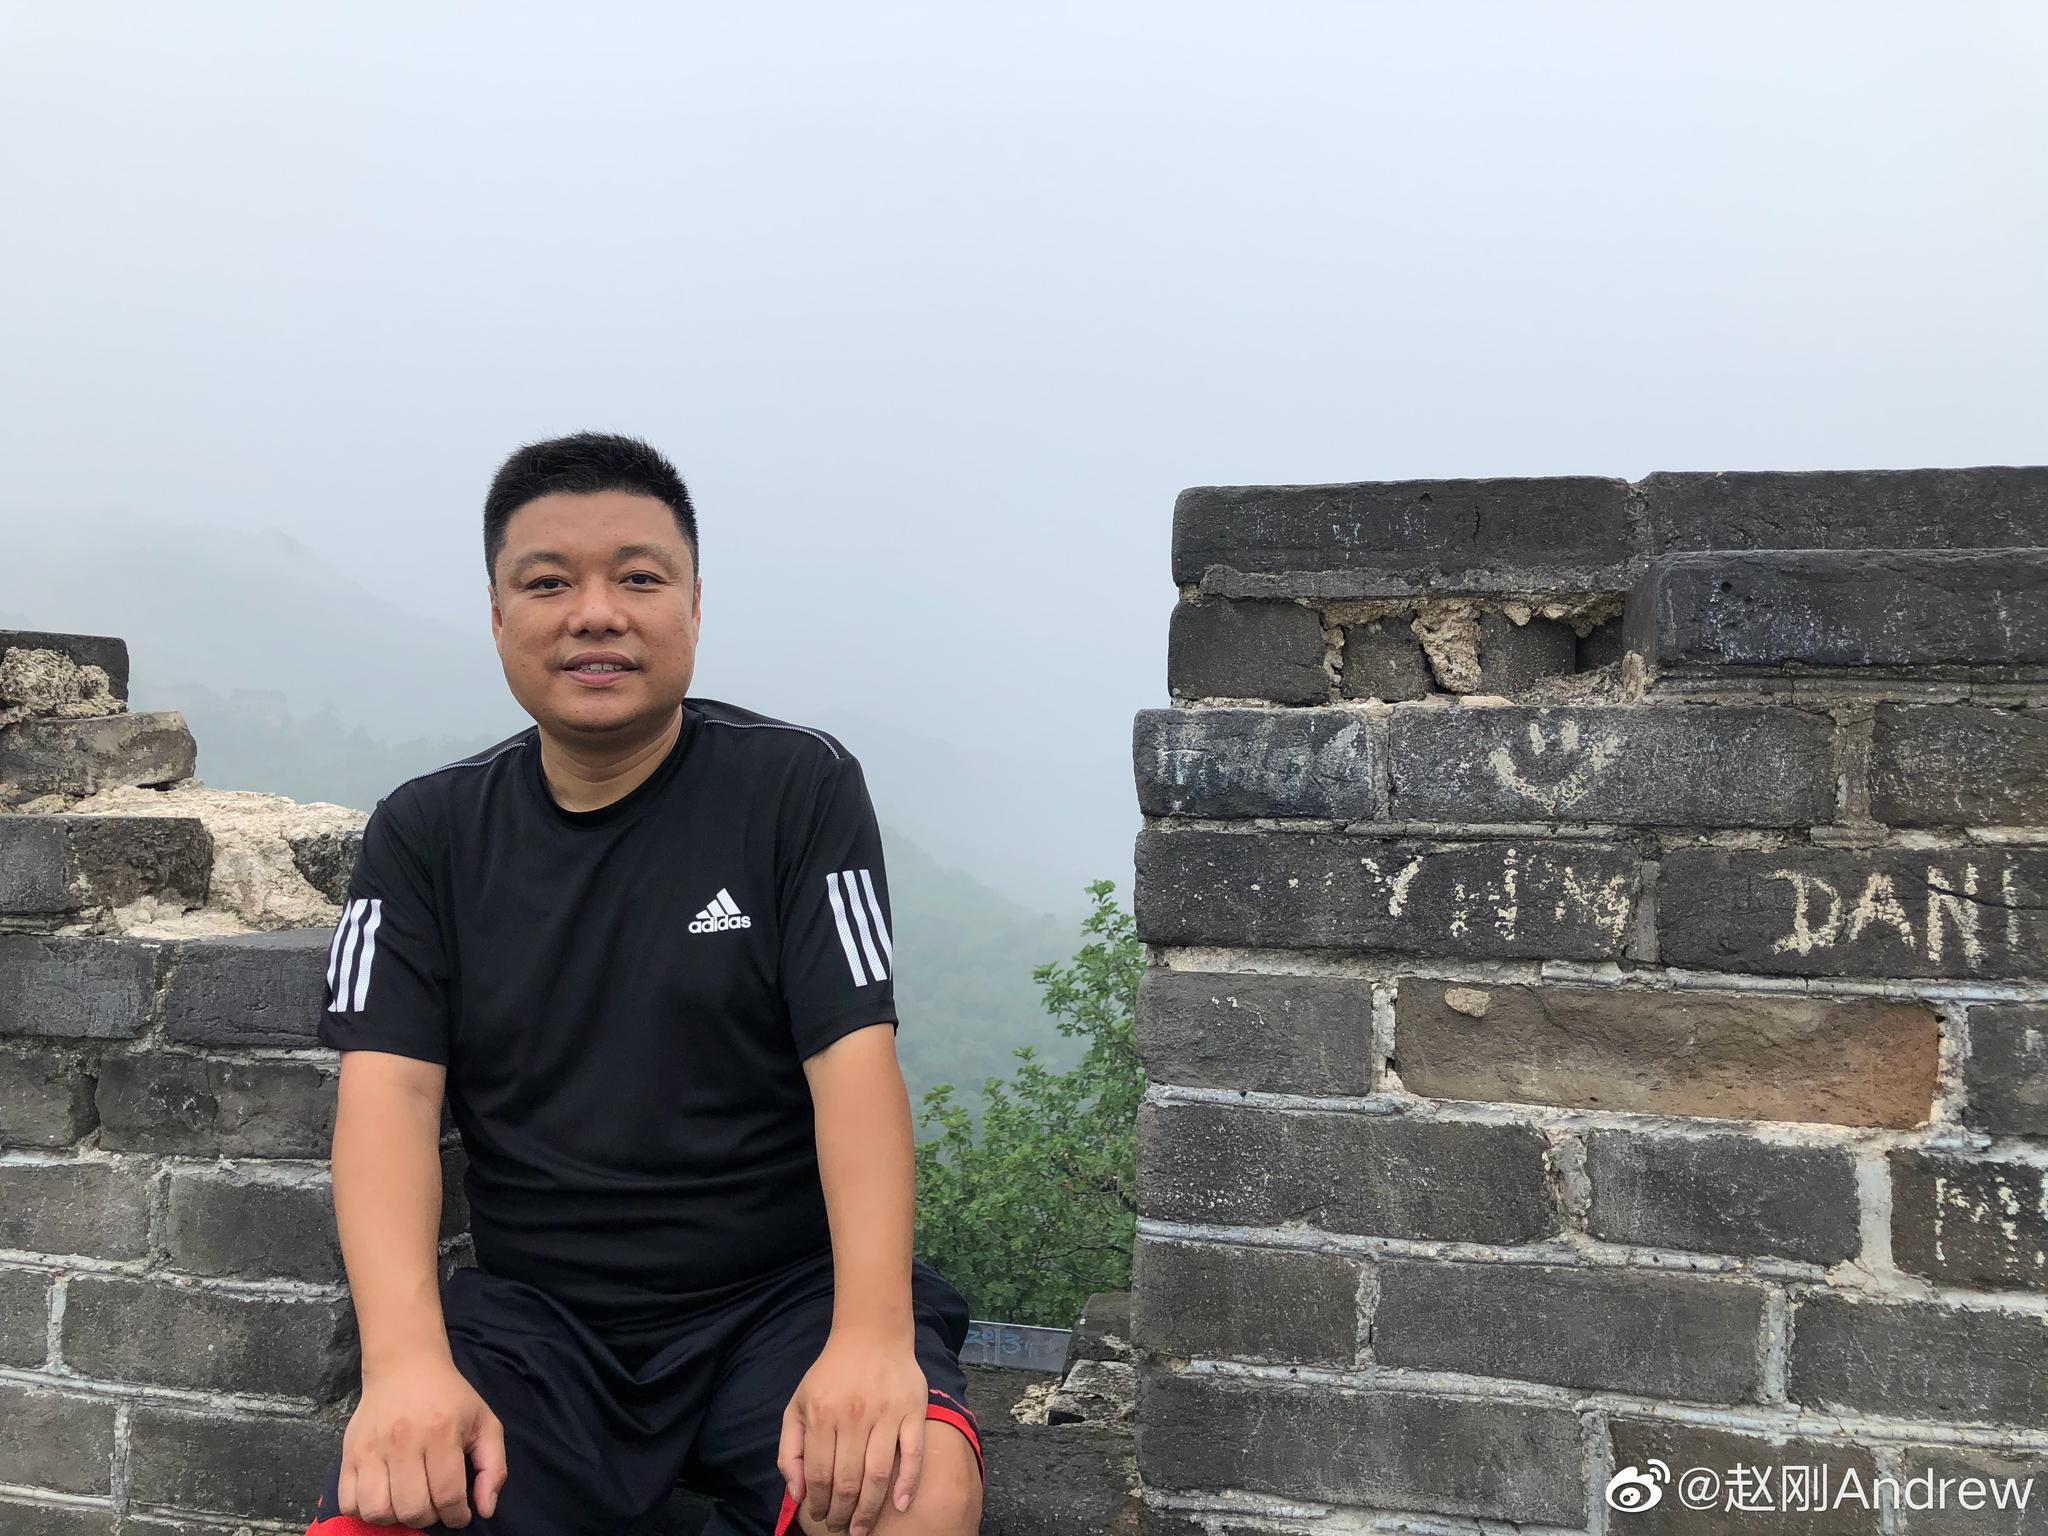 北京疫情好转,周六与家人亲友去慕田峪长城玩